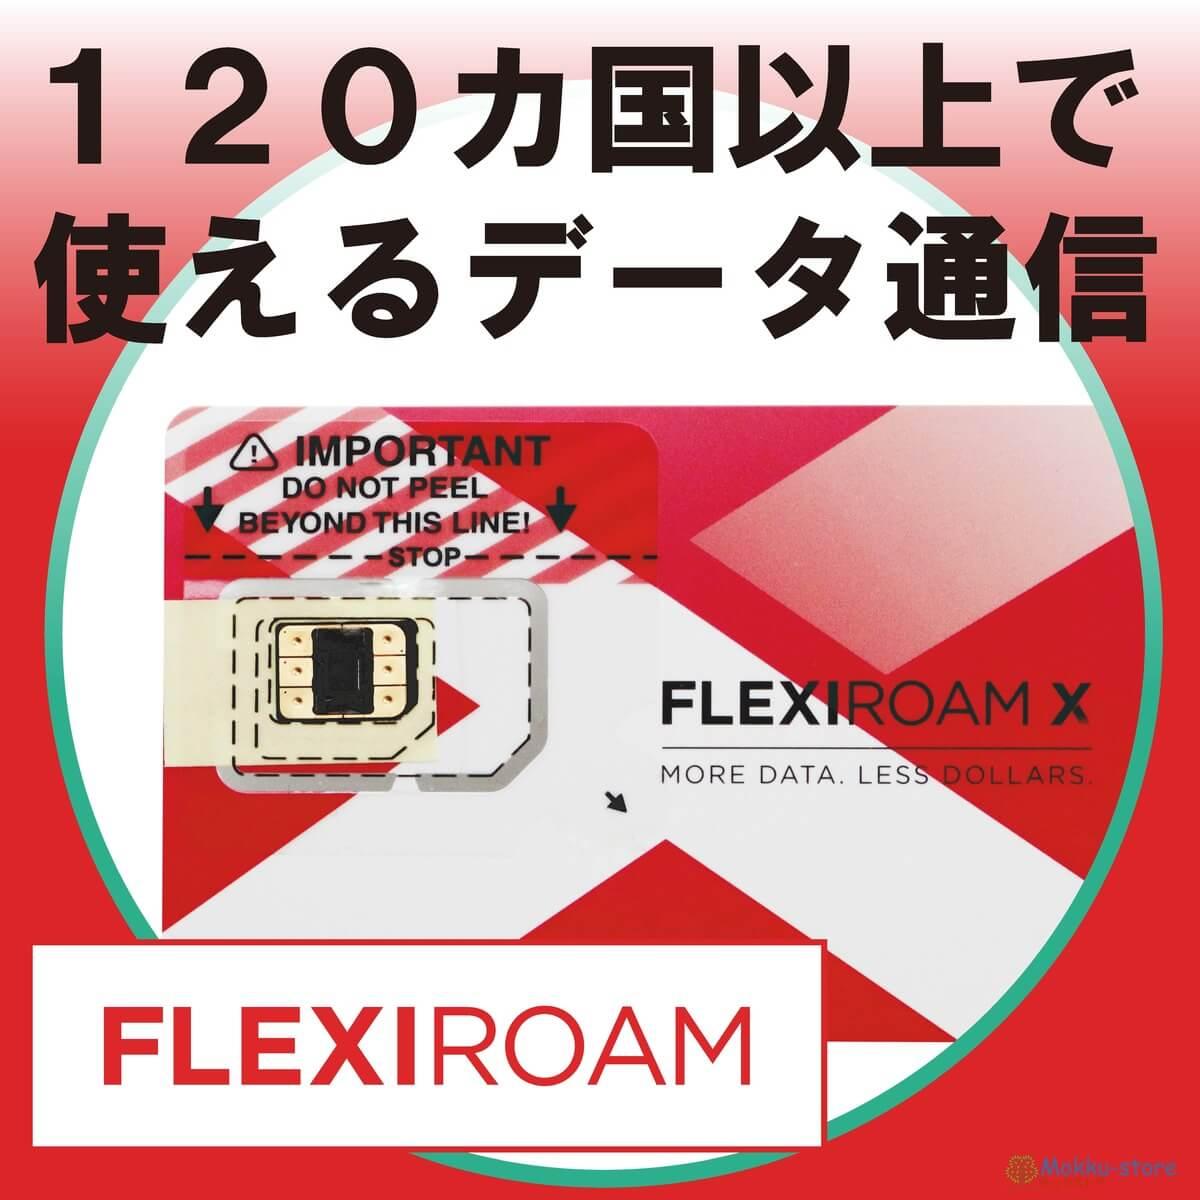 海外 プリペイドSIM カード 格安 旅行 ビジネス 1Gで420円〜 日本でもそのまま使える 世界120ヵ国対応 貼るSIM Flexiroam フレキシローム